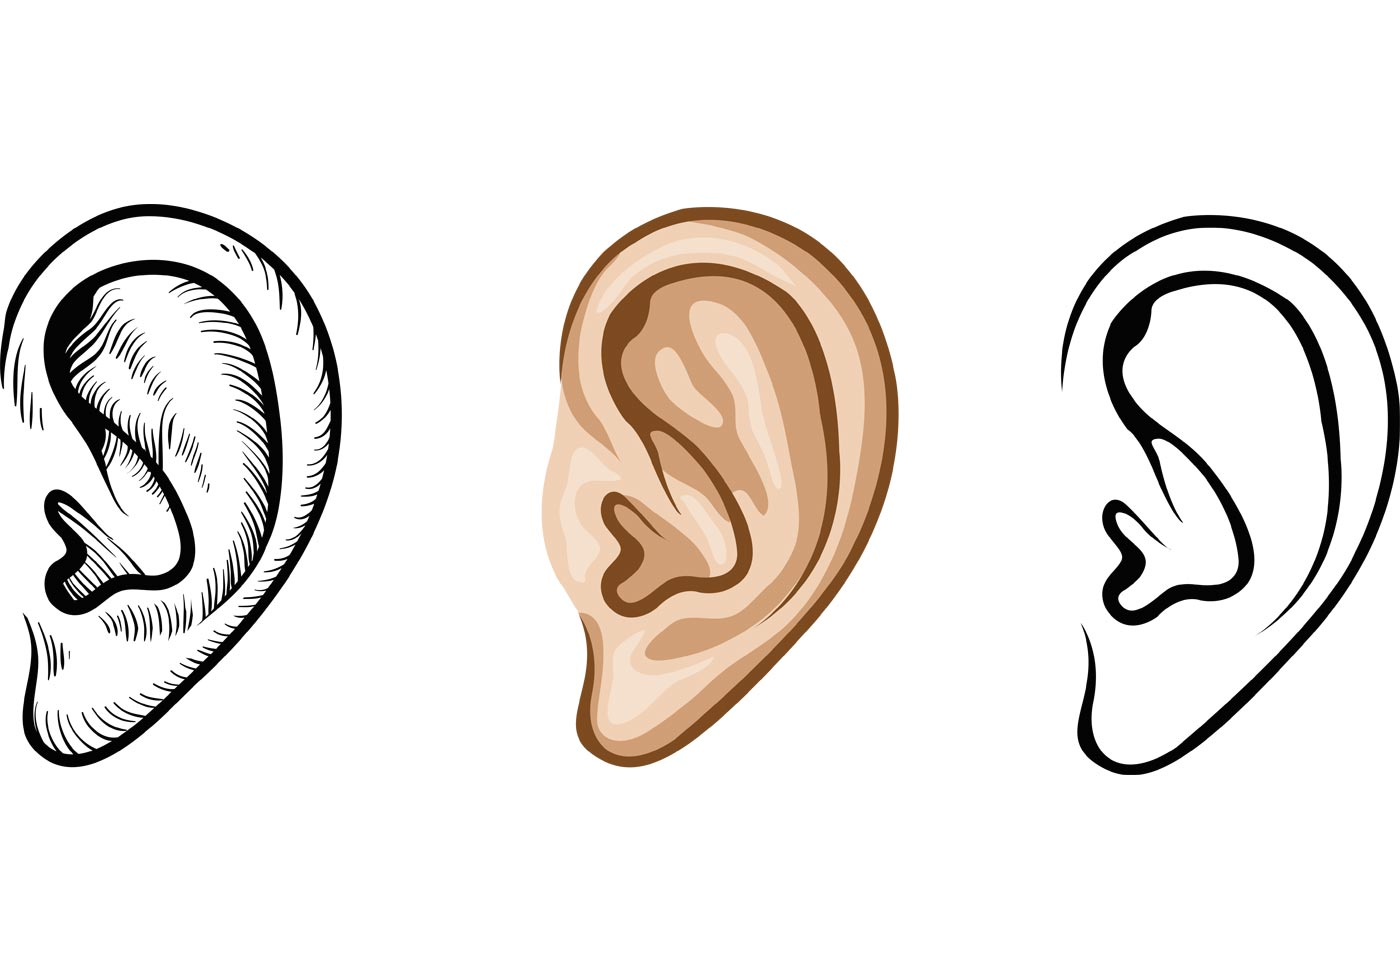 Human Ear Vectors - Download Free Vector Art, Stock ...